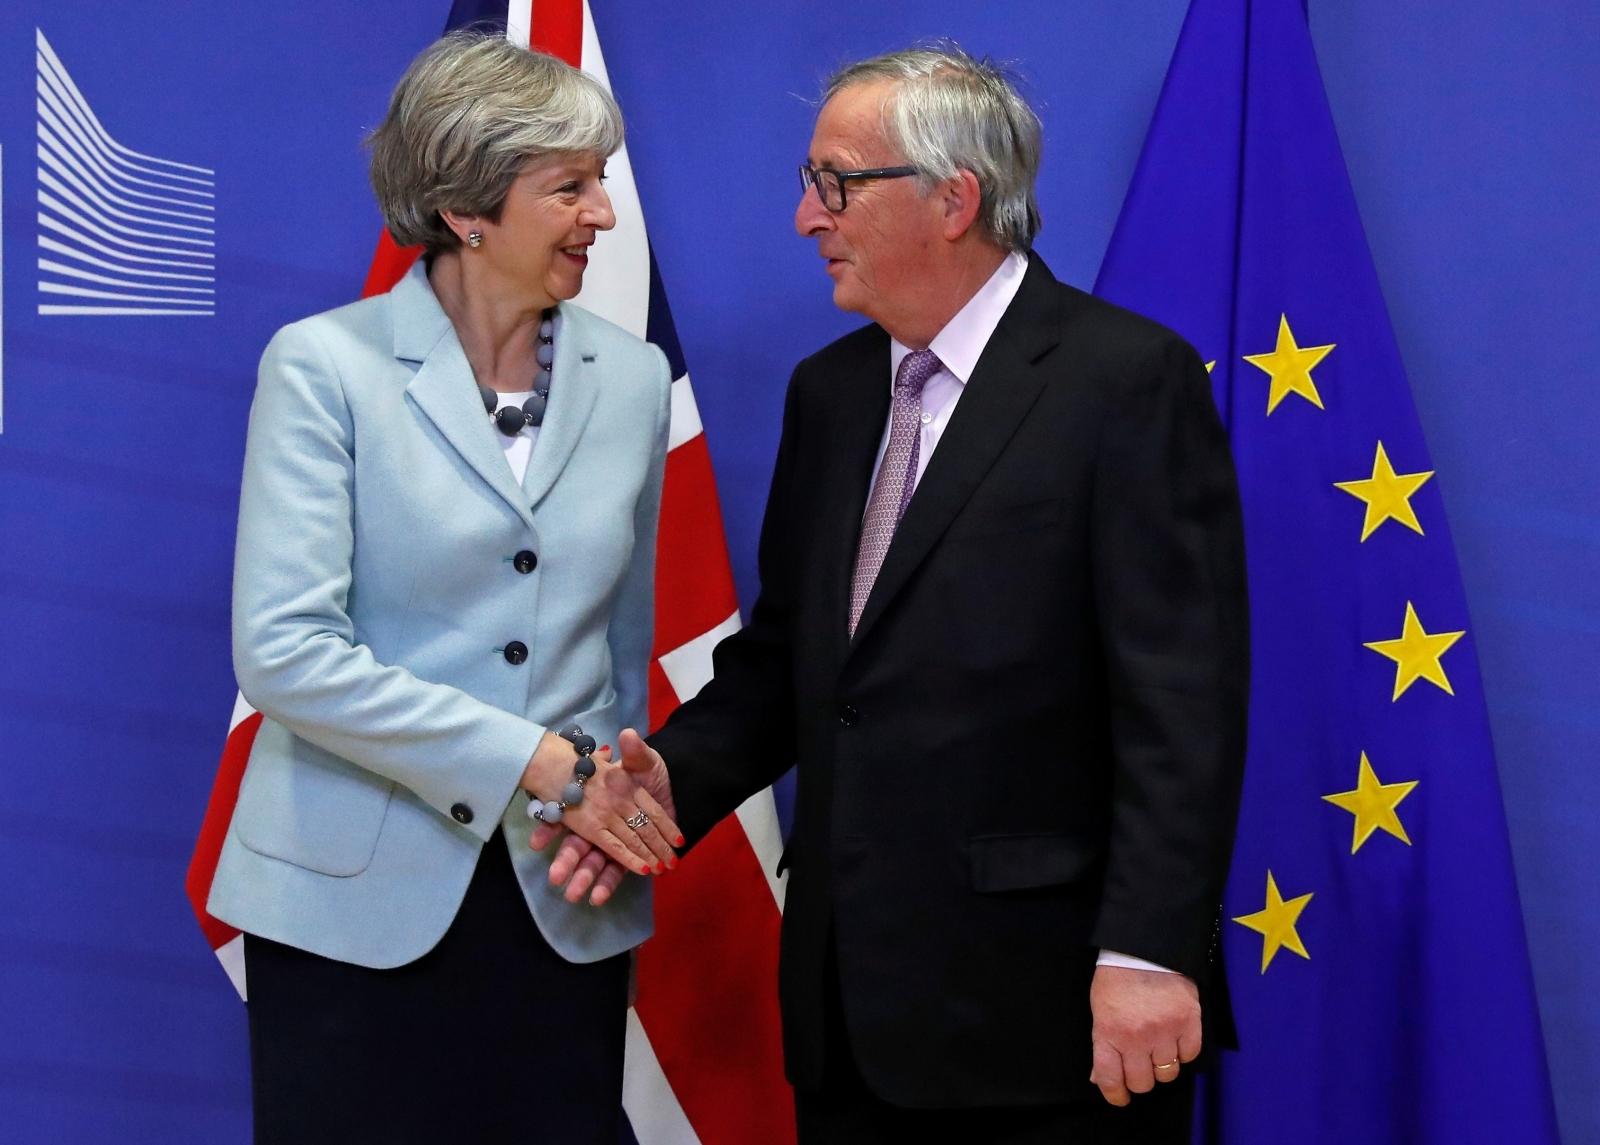 Theresa May Jean-Claude Juncker handshake